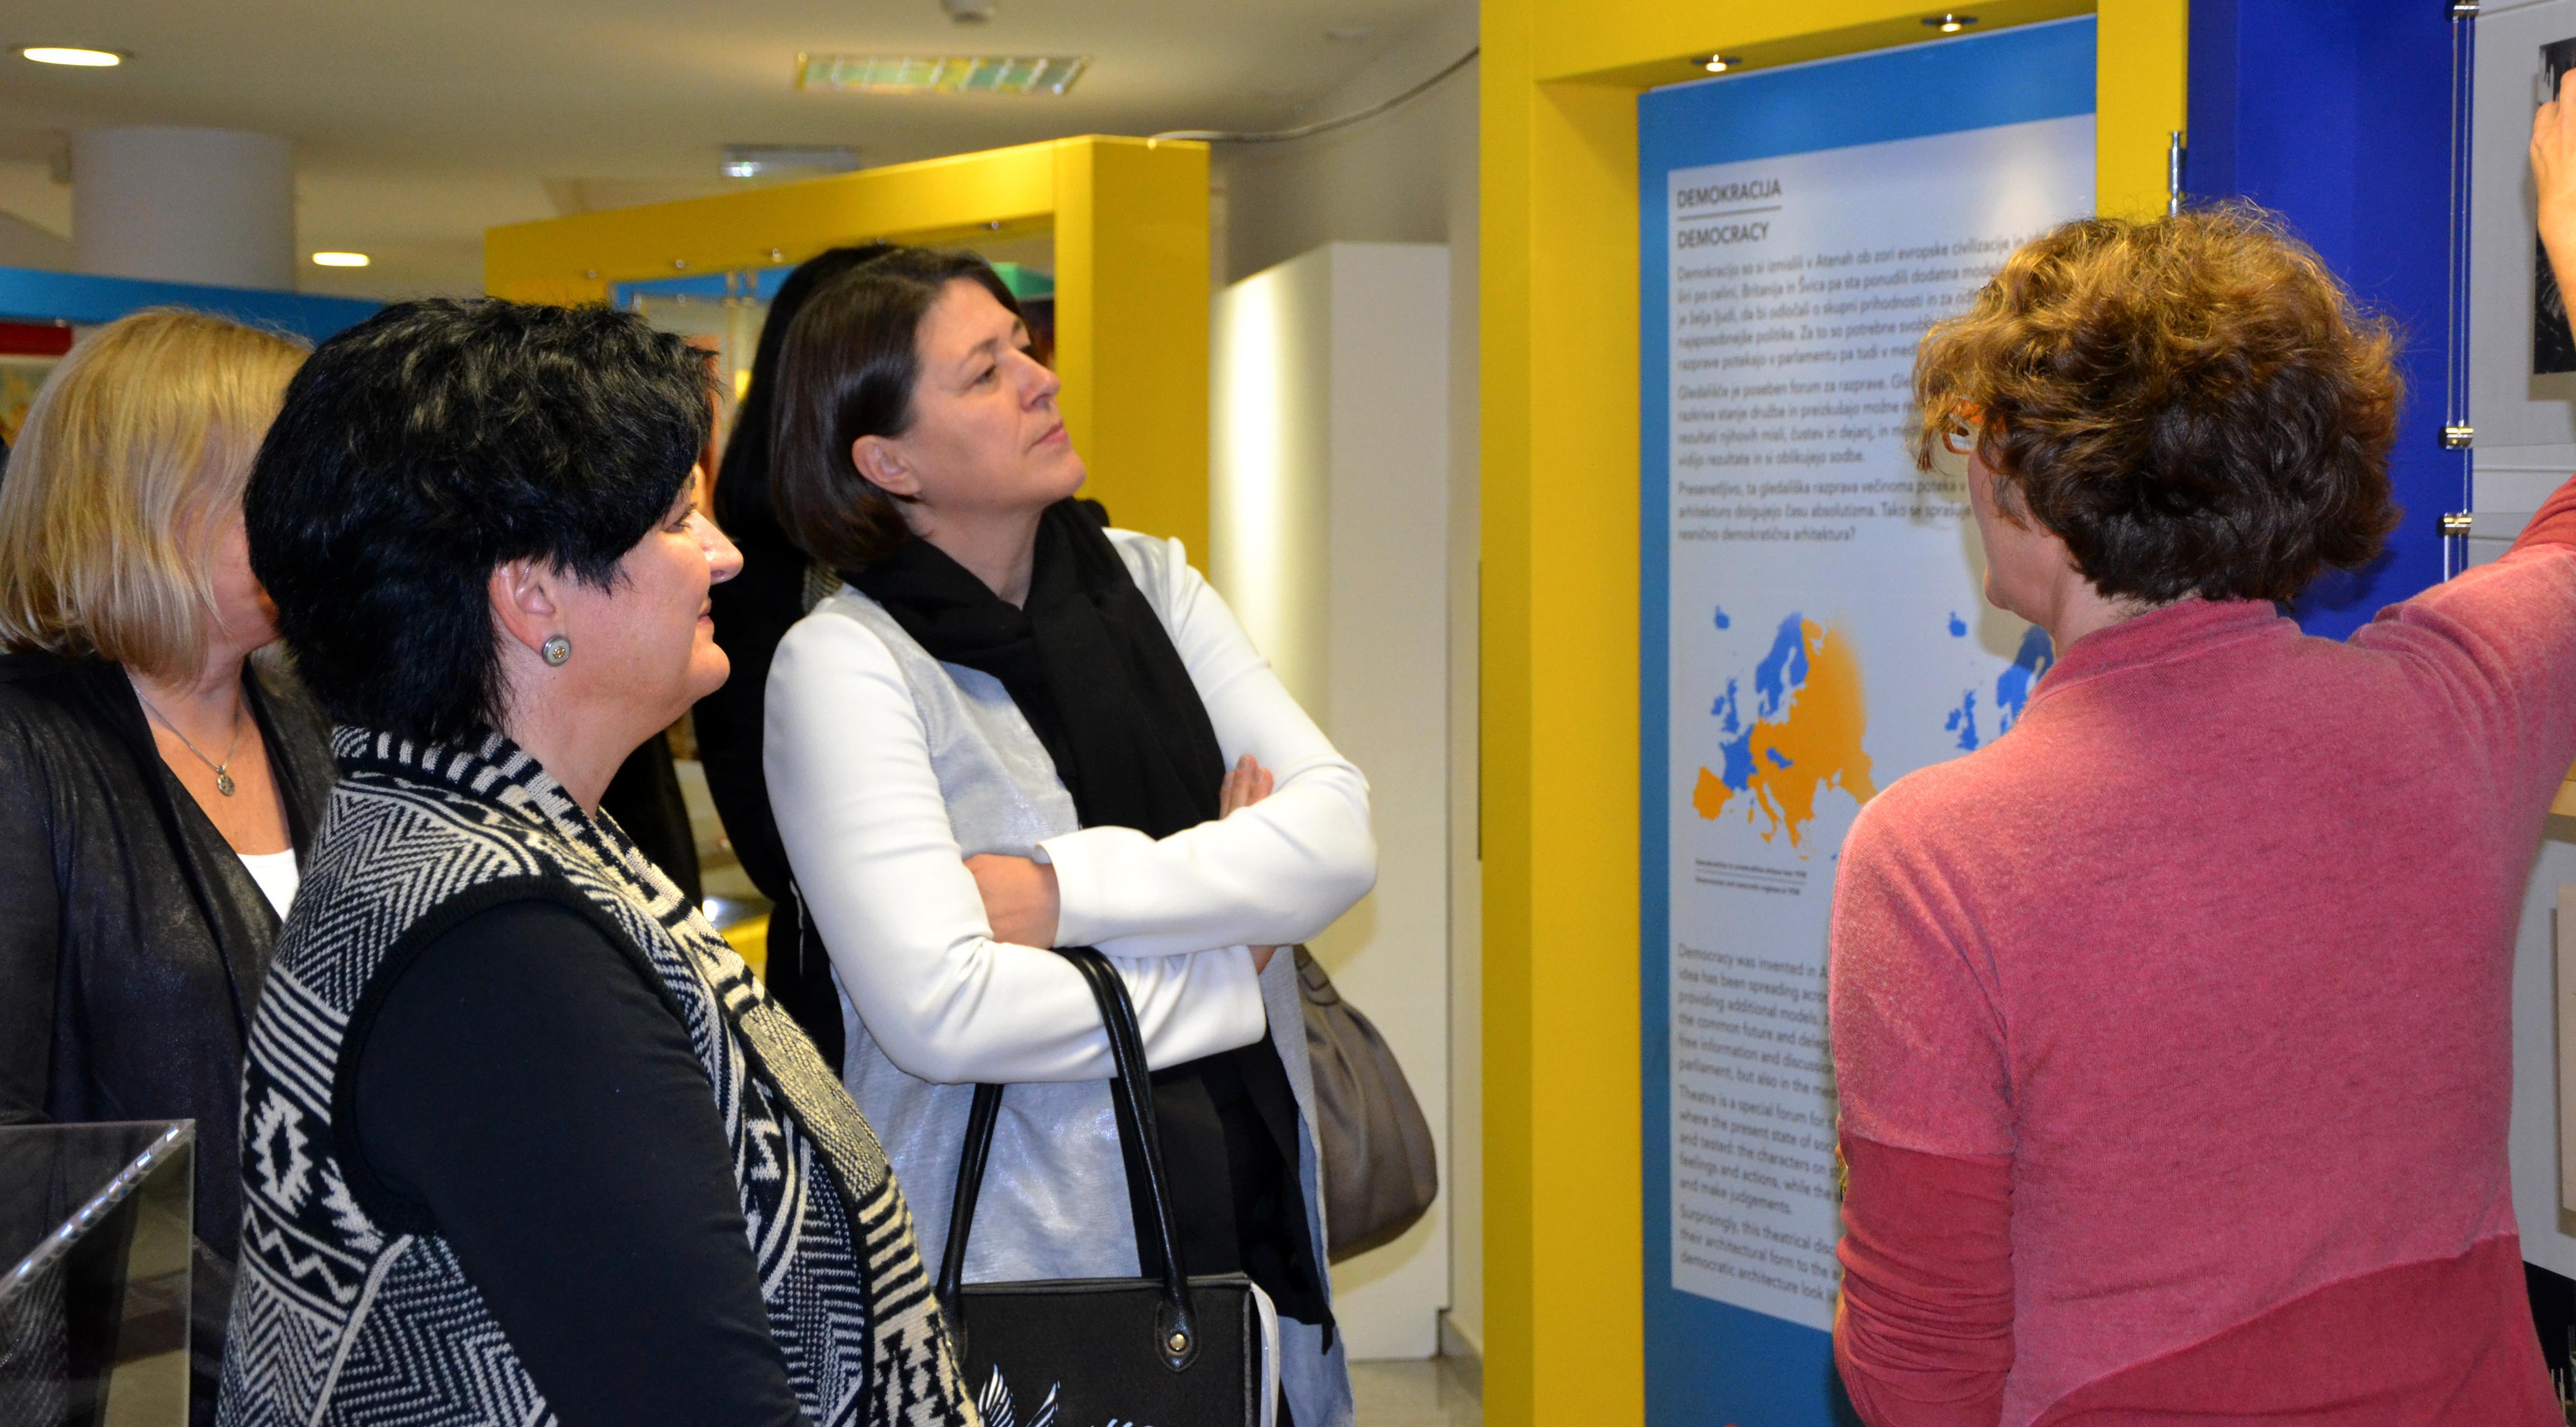 Mednarodno potujočo razstavo si je 18. novembra ogledala tudi evropska komisarka mag. Violeta Bulc.